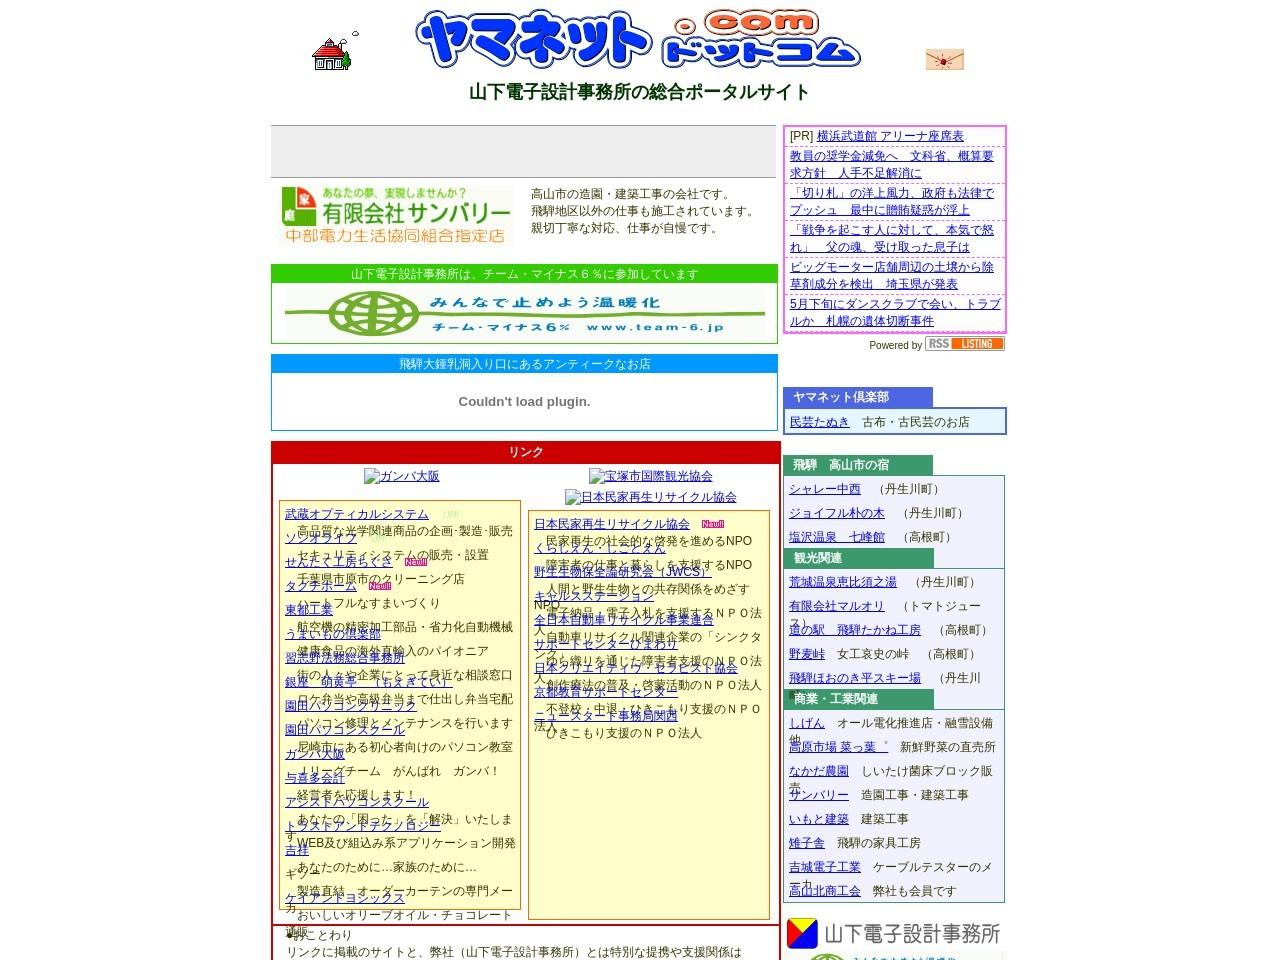 ヤマネット.com